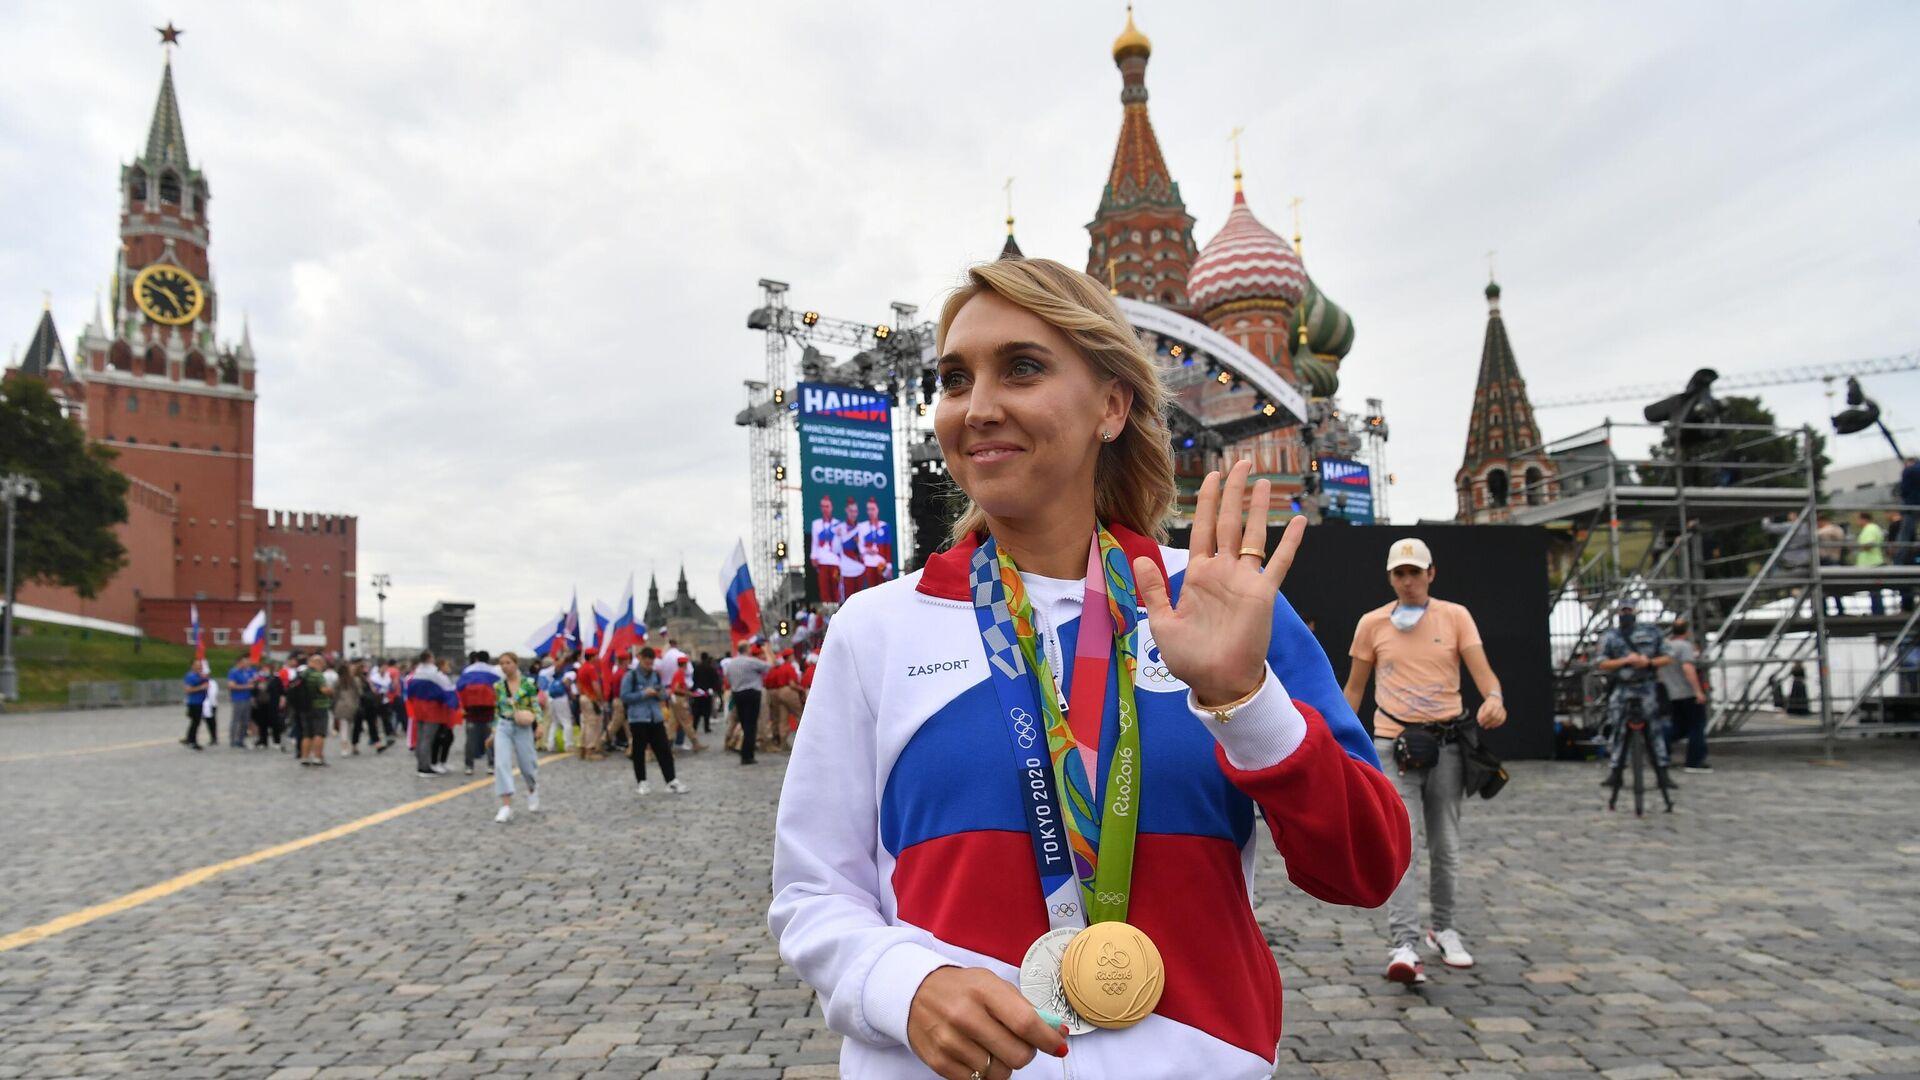 Елена Веснина, завоевавшая серебряную медаль в смешанном разряде турнира по теннису на XXXII летних Олимпийских играх в Токио - РИА Новости, 1920, 12.09.2021